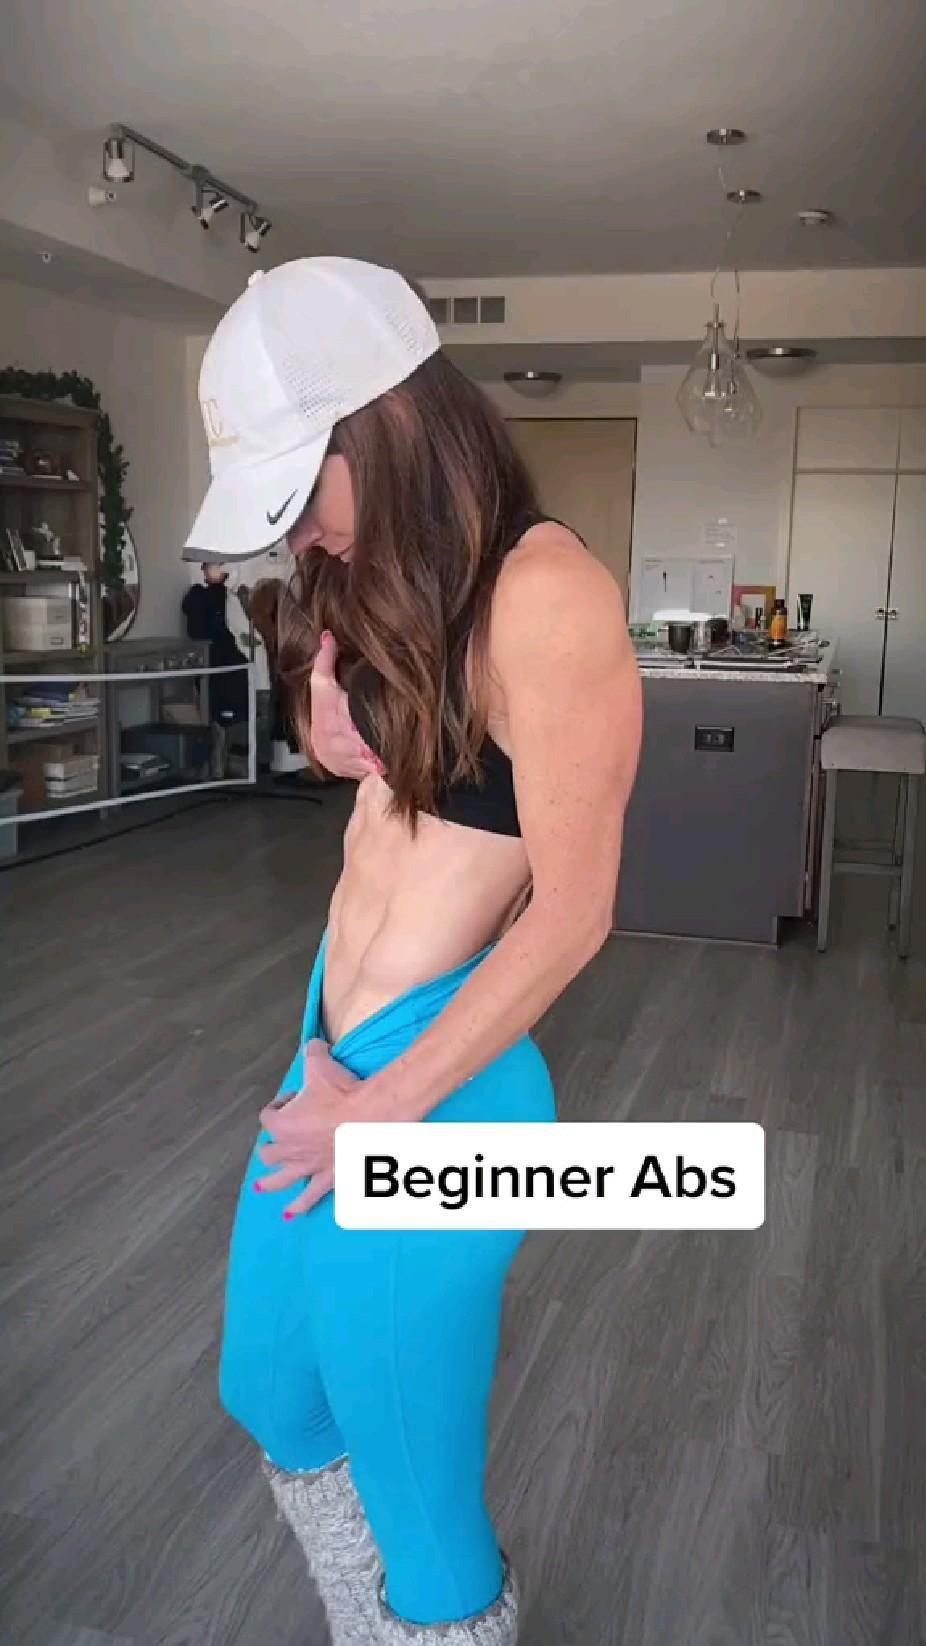 Beginner abs